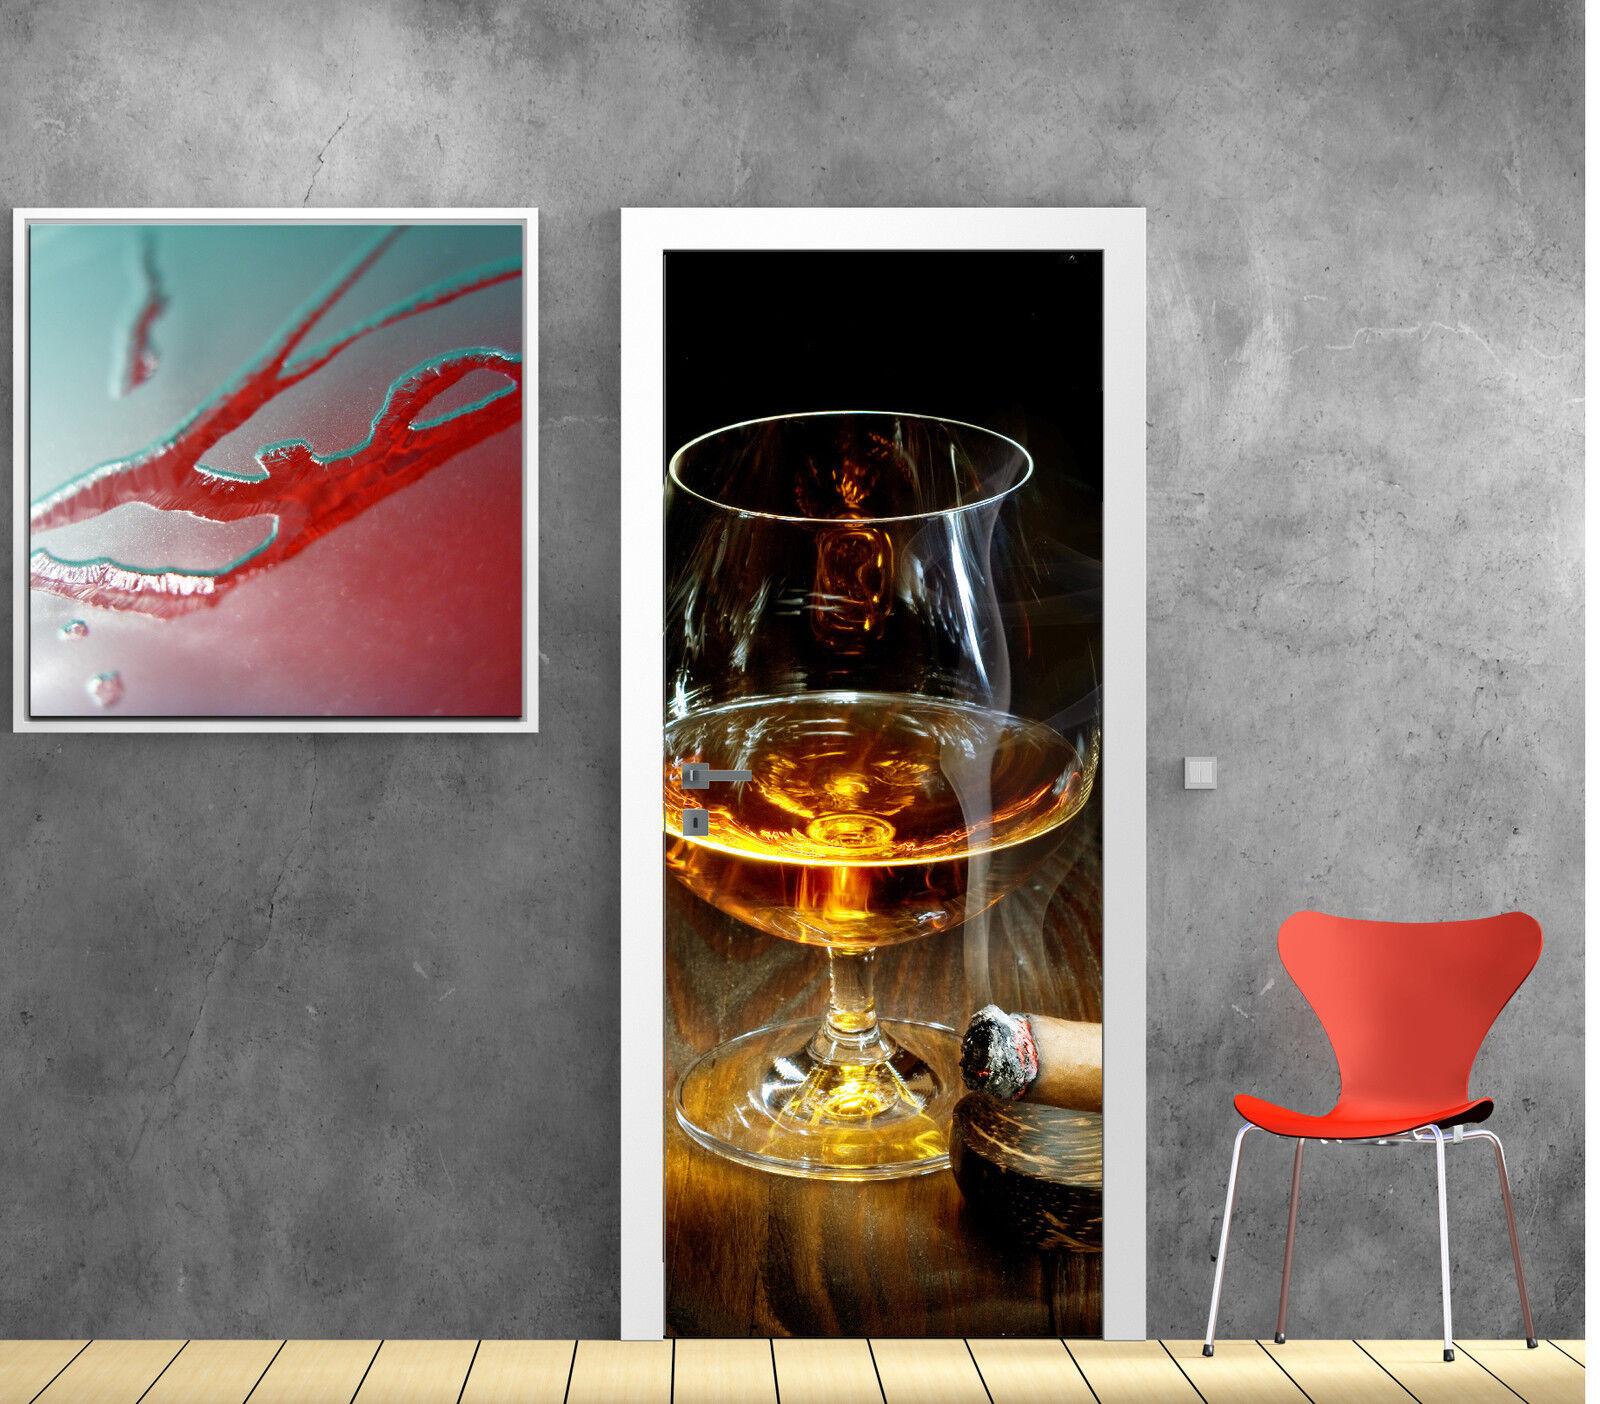 Pegatinas Puerta Trompa Trampantojo Decoración Whisky Puro Ref 823